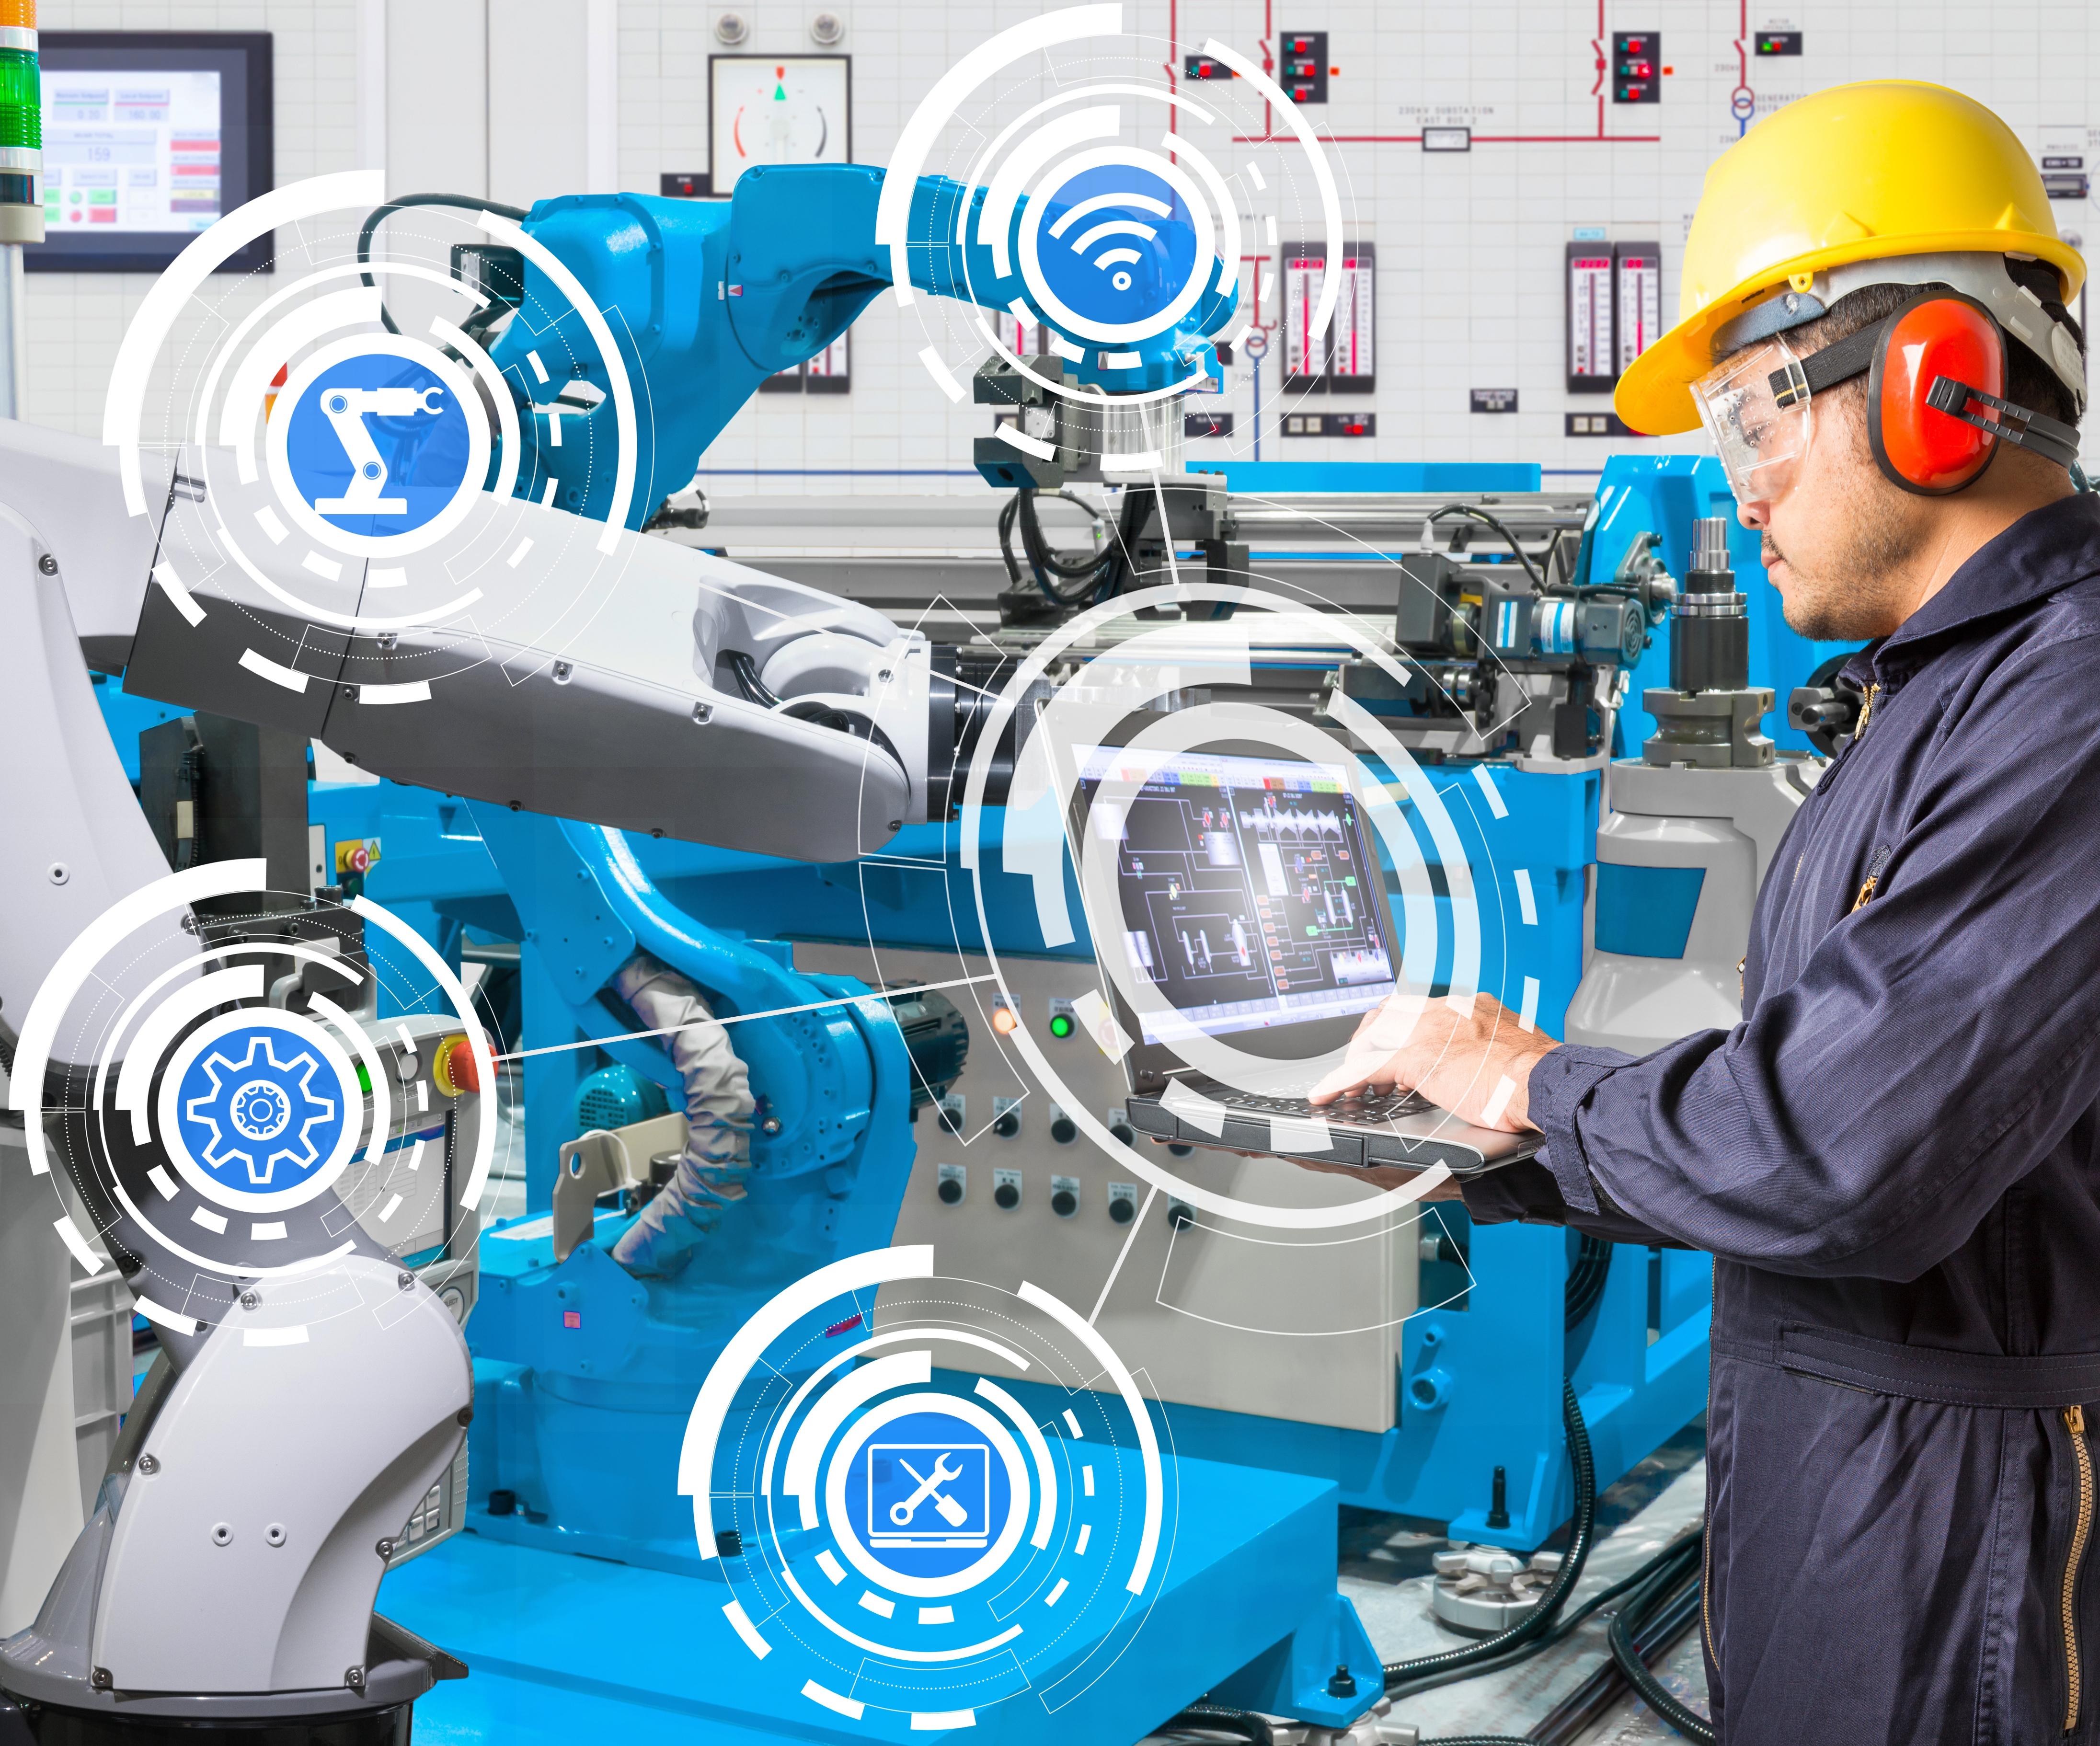 industria 4.0 PMI piccole medie imprese manufacturing